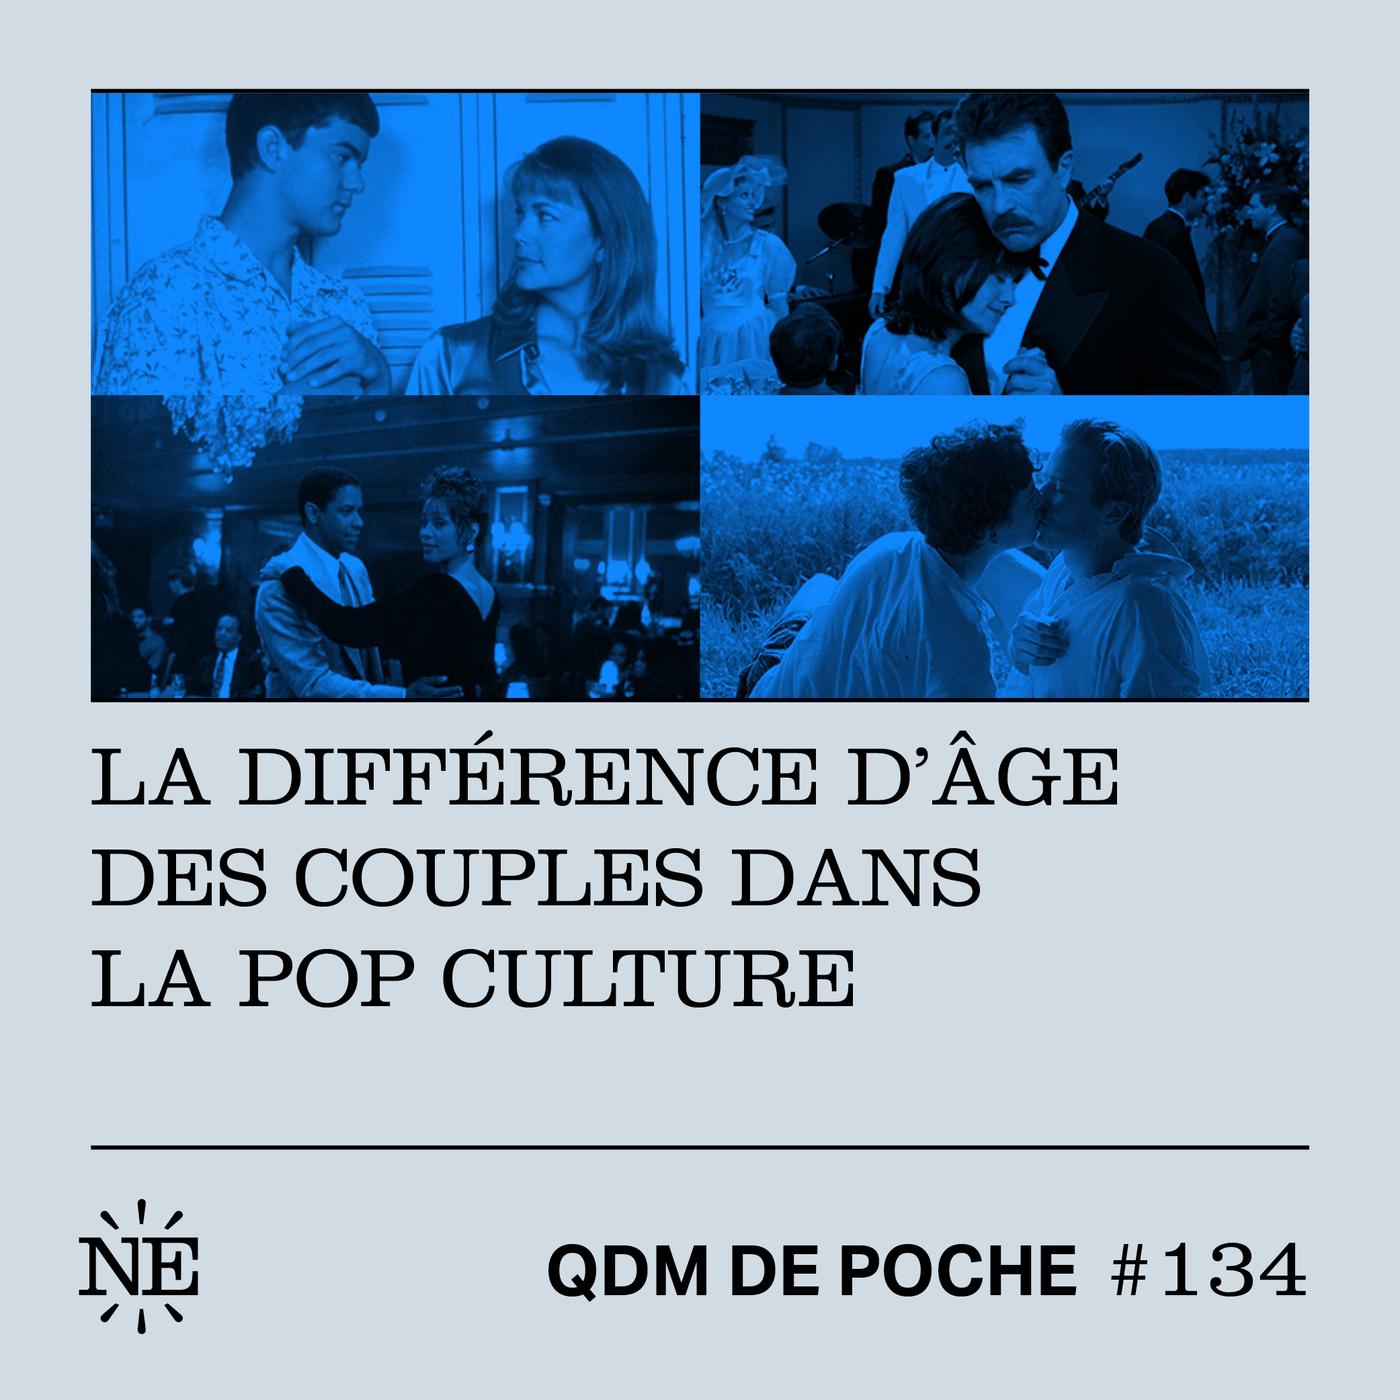 #134 - QDM de Poche - La différence d'âge des couples dans la pop culture